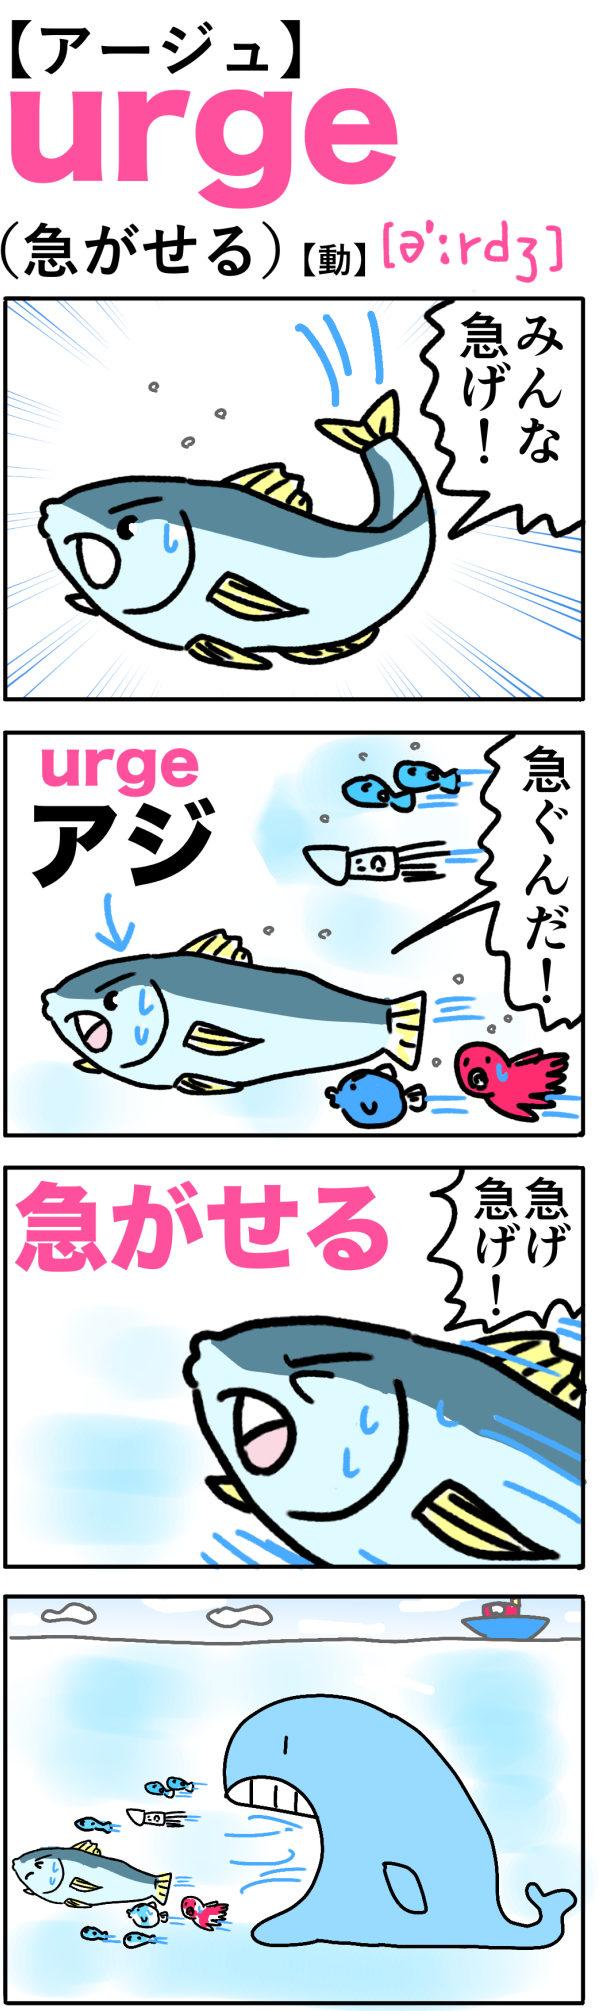 urge(急がせる)の語呂合わせ英単語